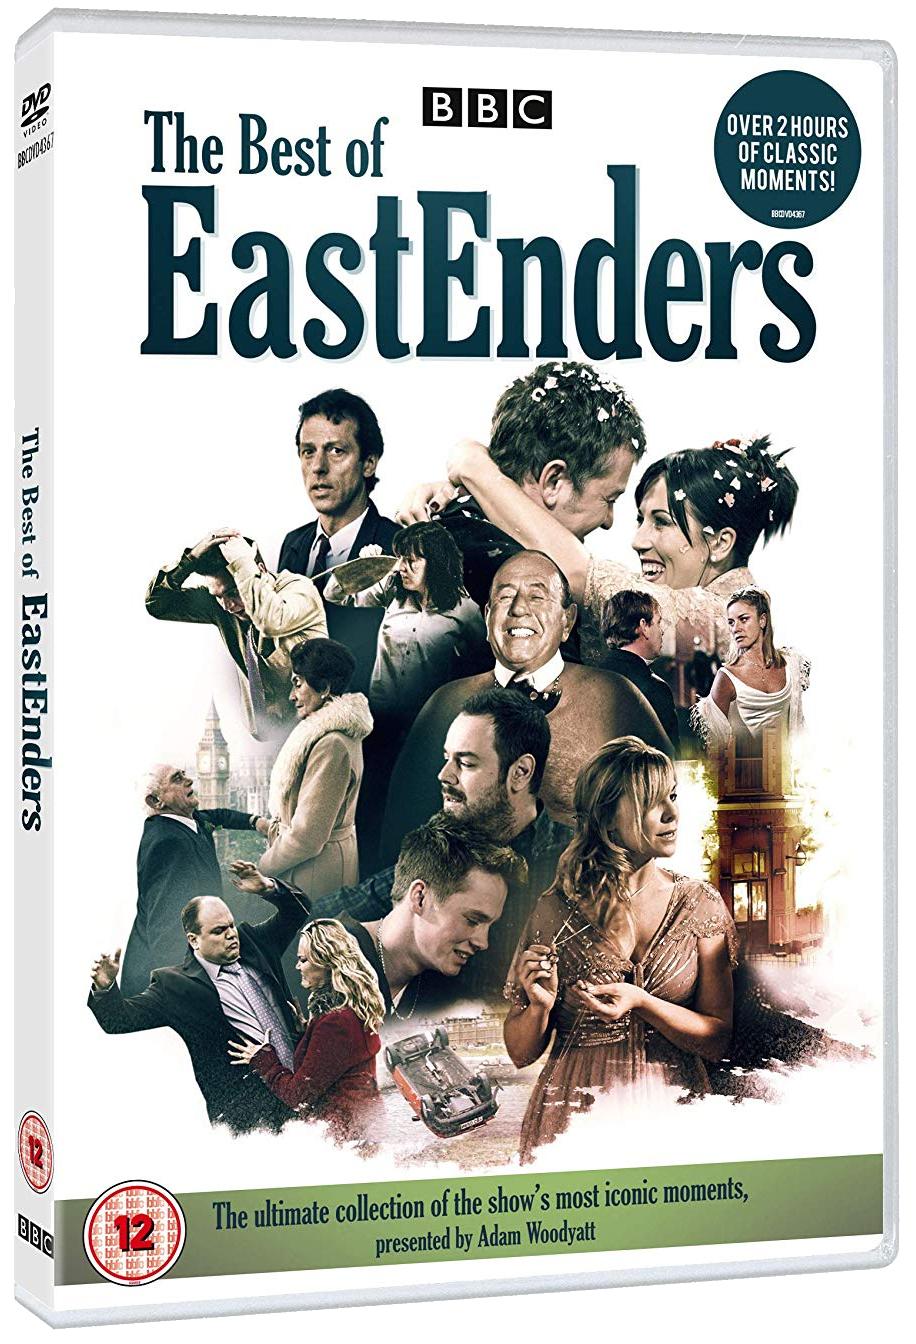 eastenders movie rnr part 61